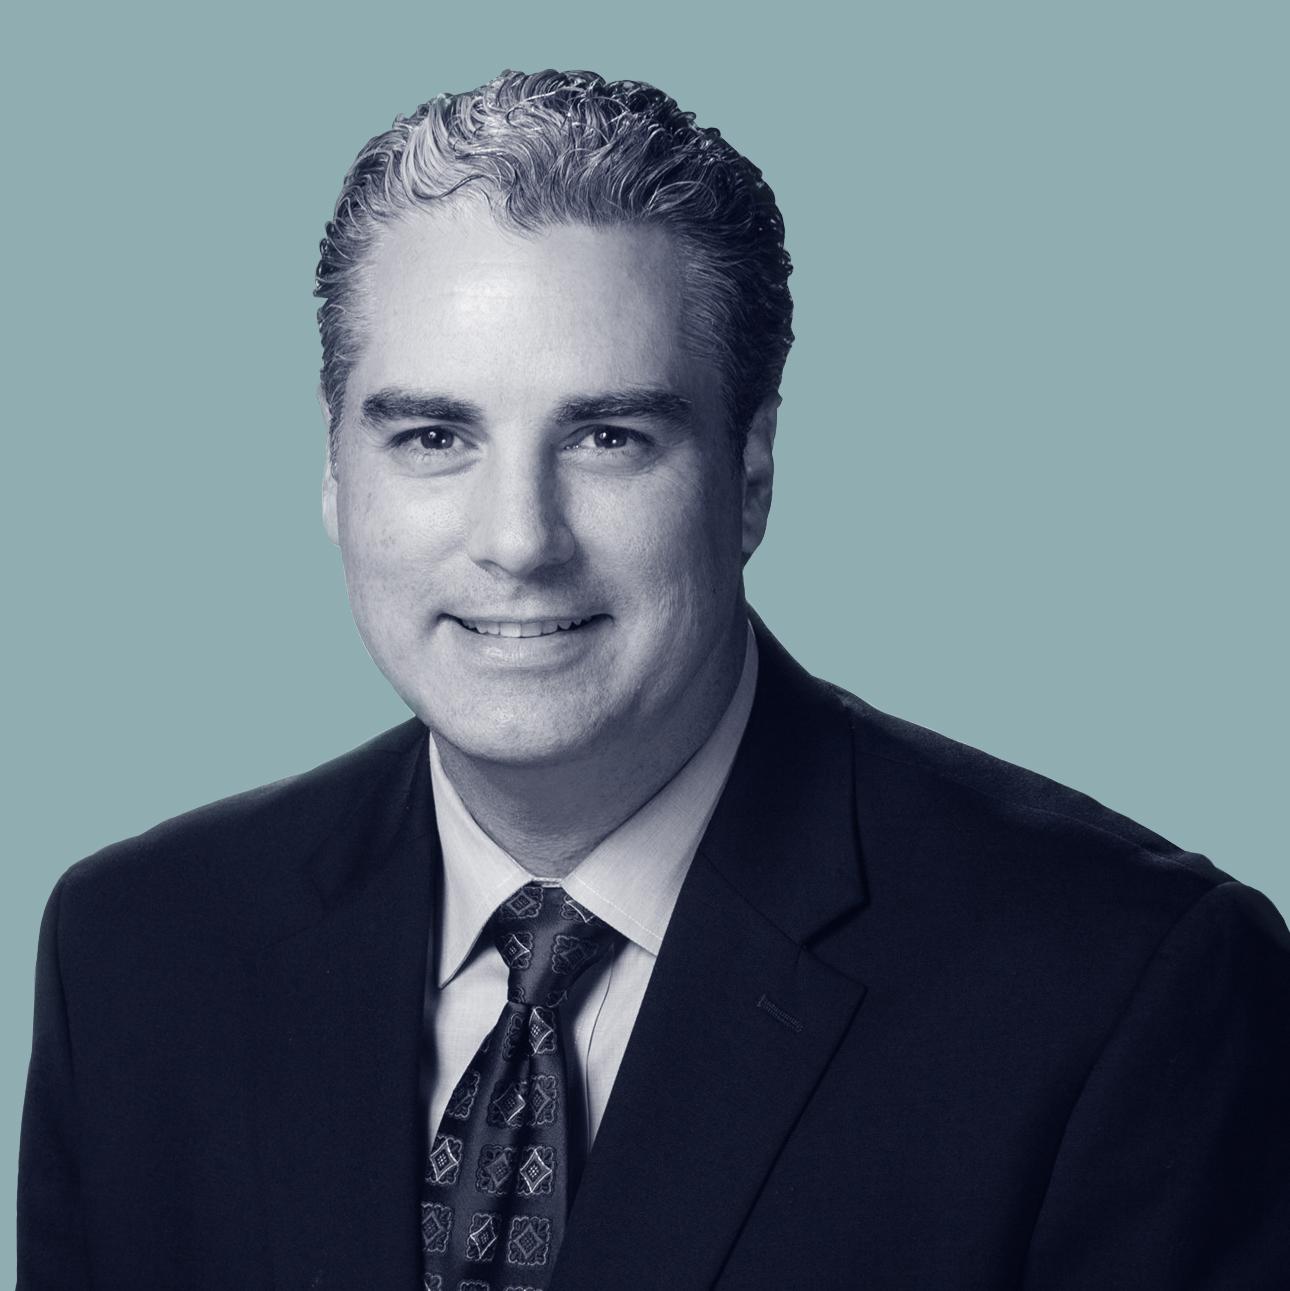 Pete Hinojosa